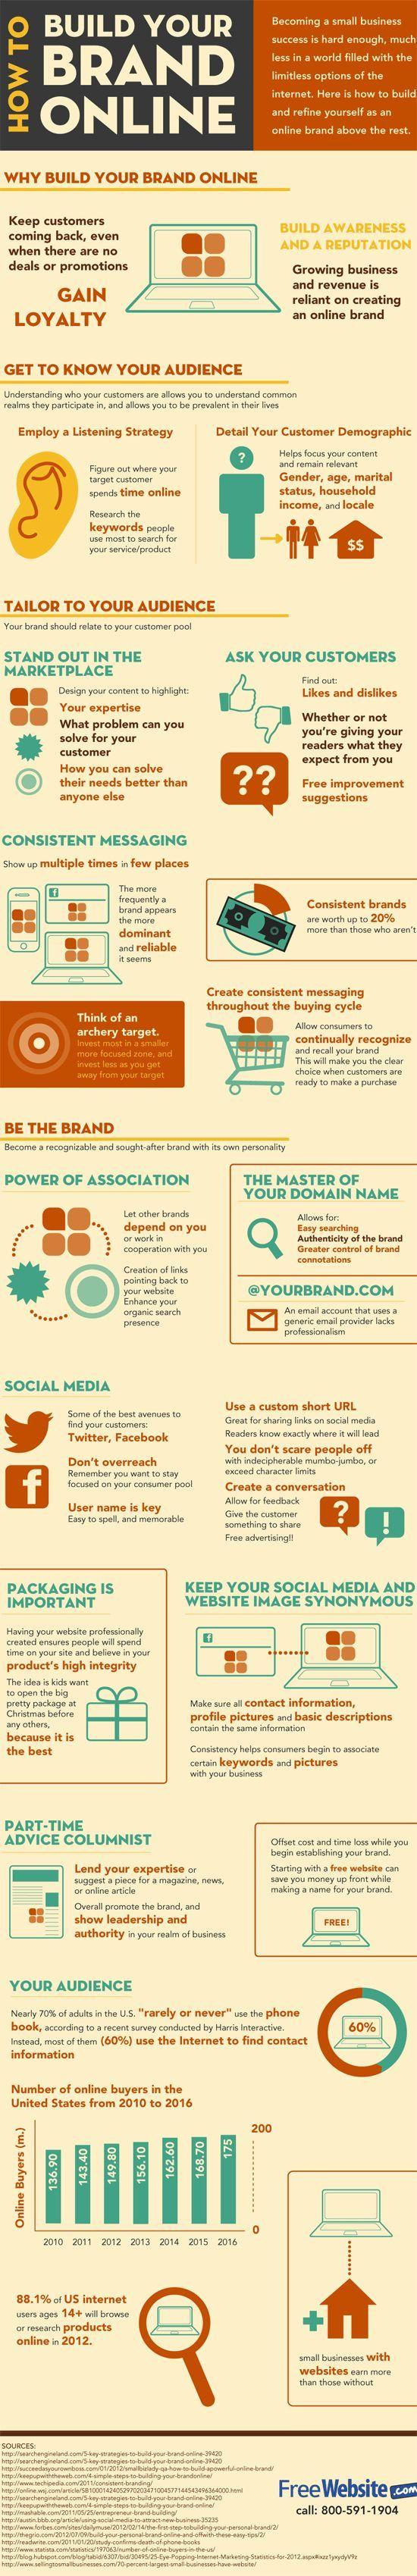 Online-Branding-Tips-for-2013